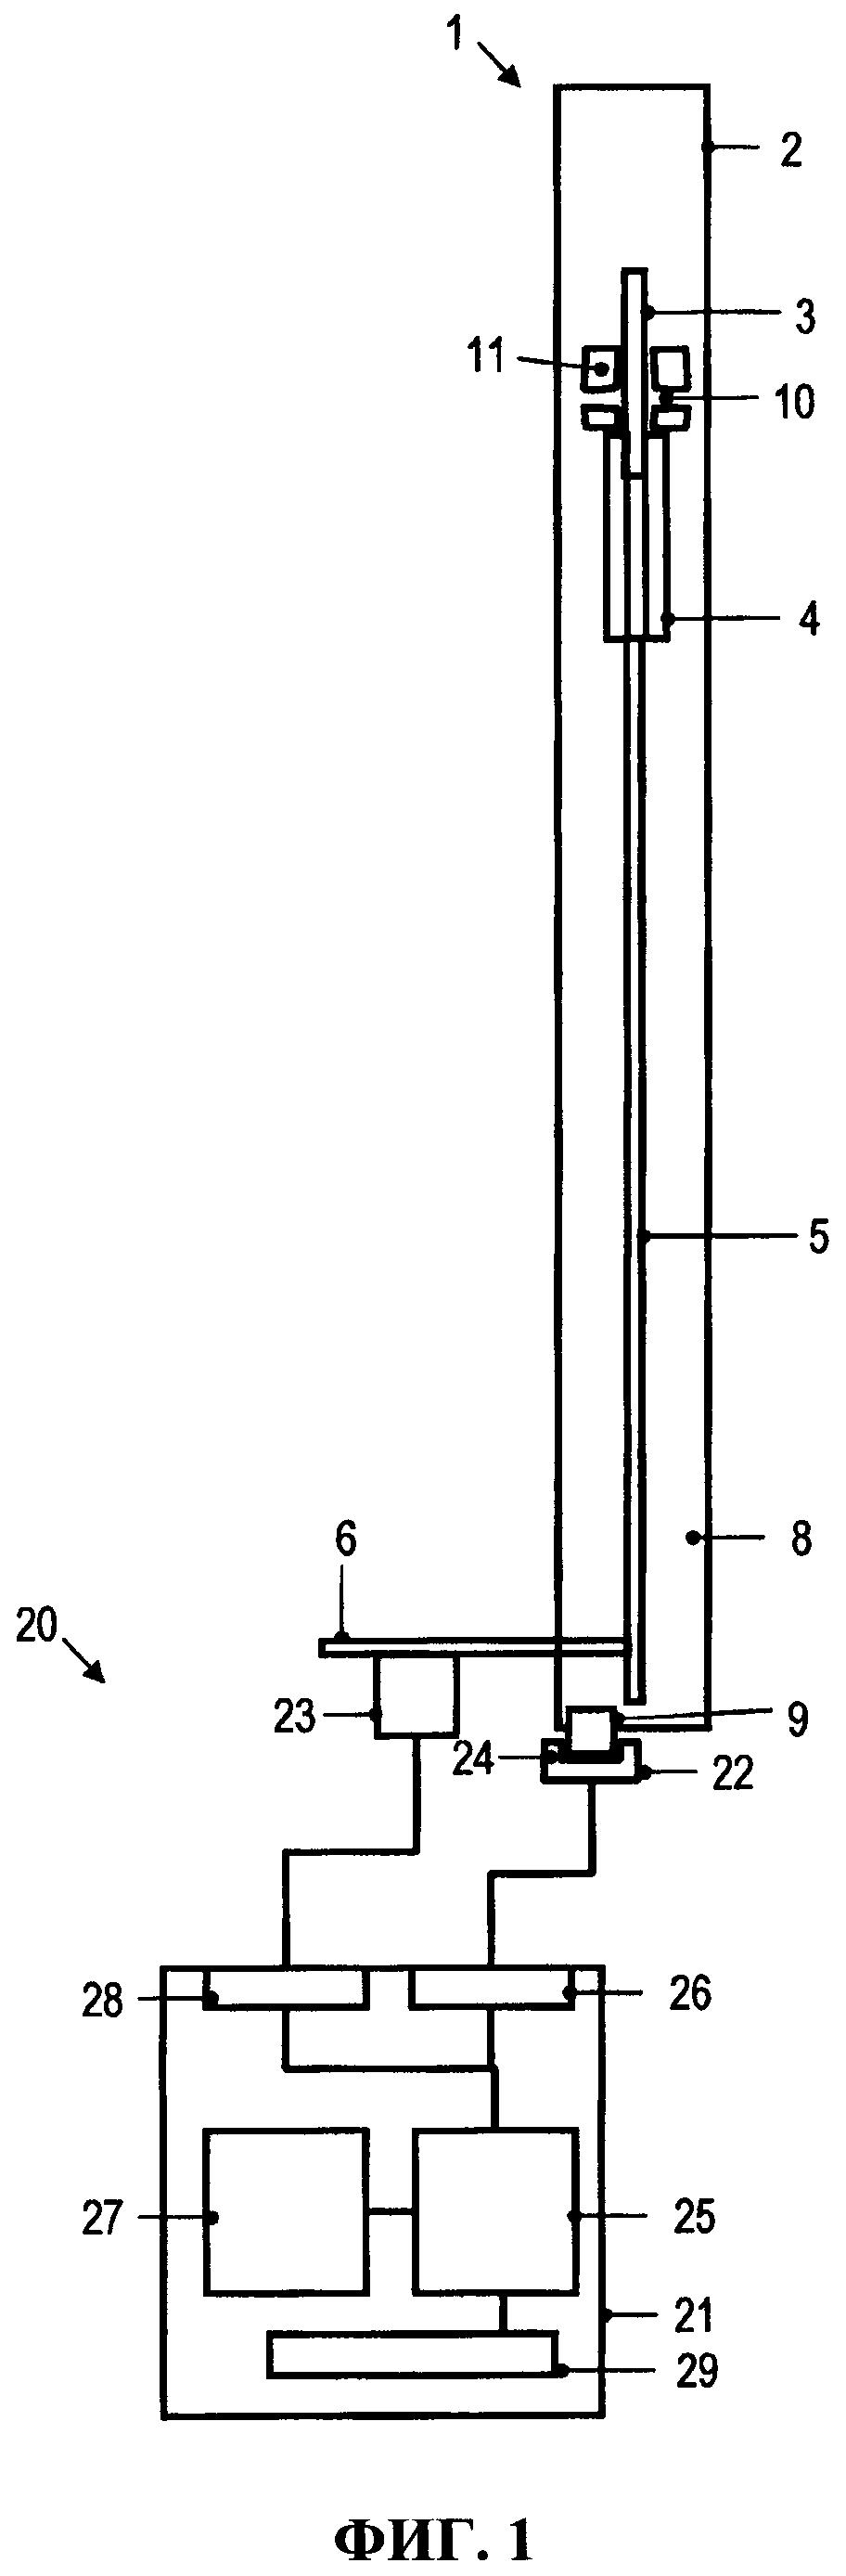 Способ и устройство диагностирования автоматического выключателя с дутьевой системой дугогашения